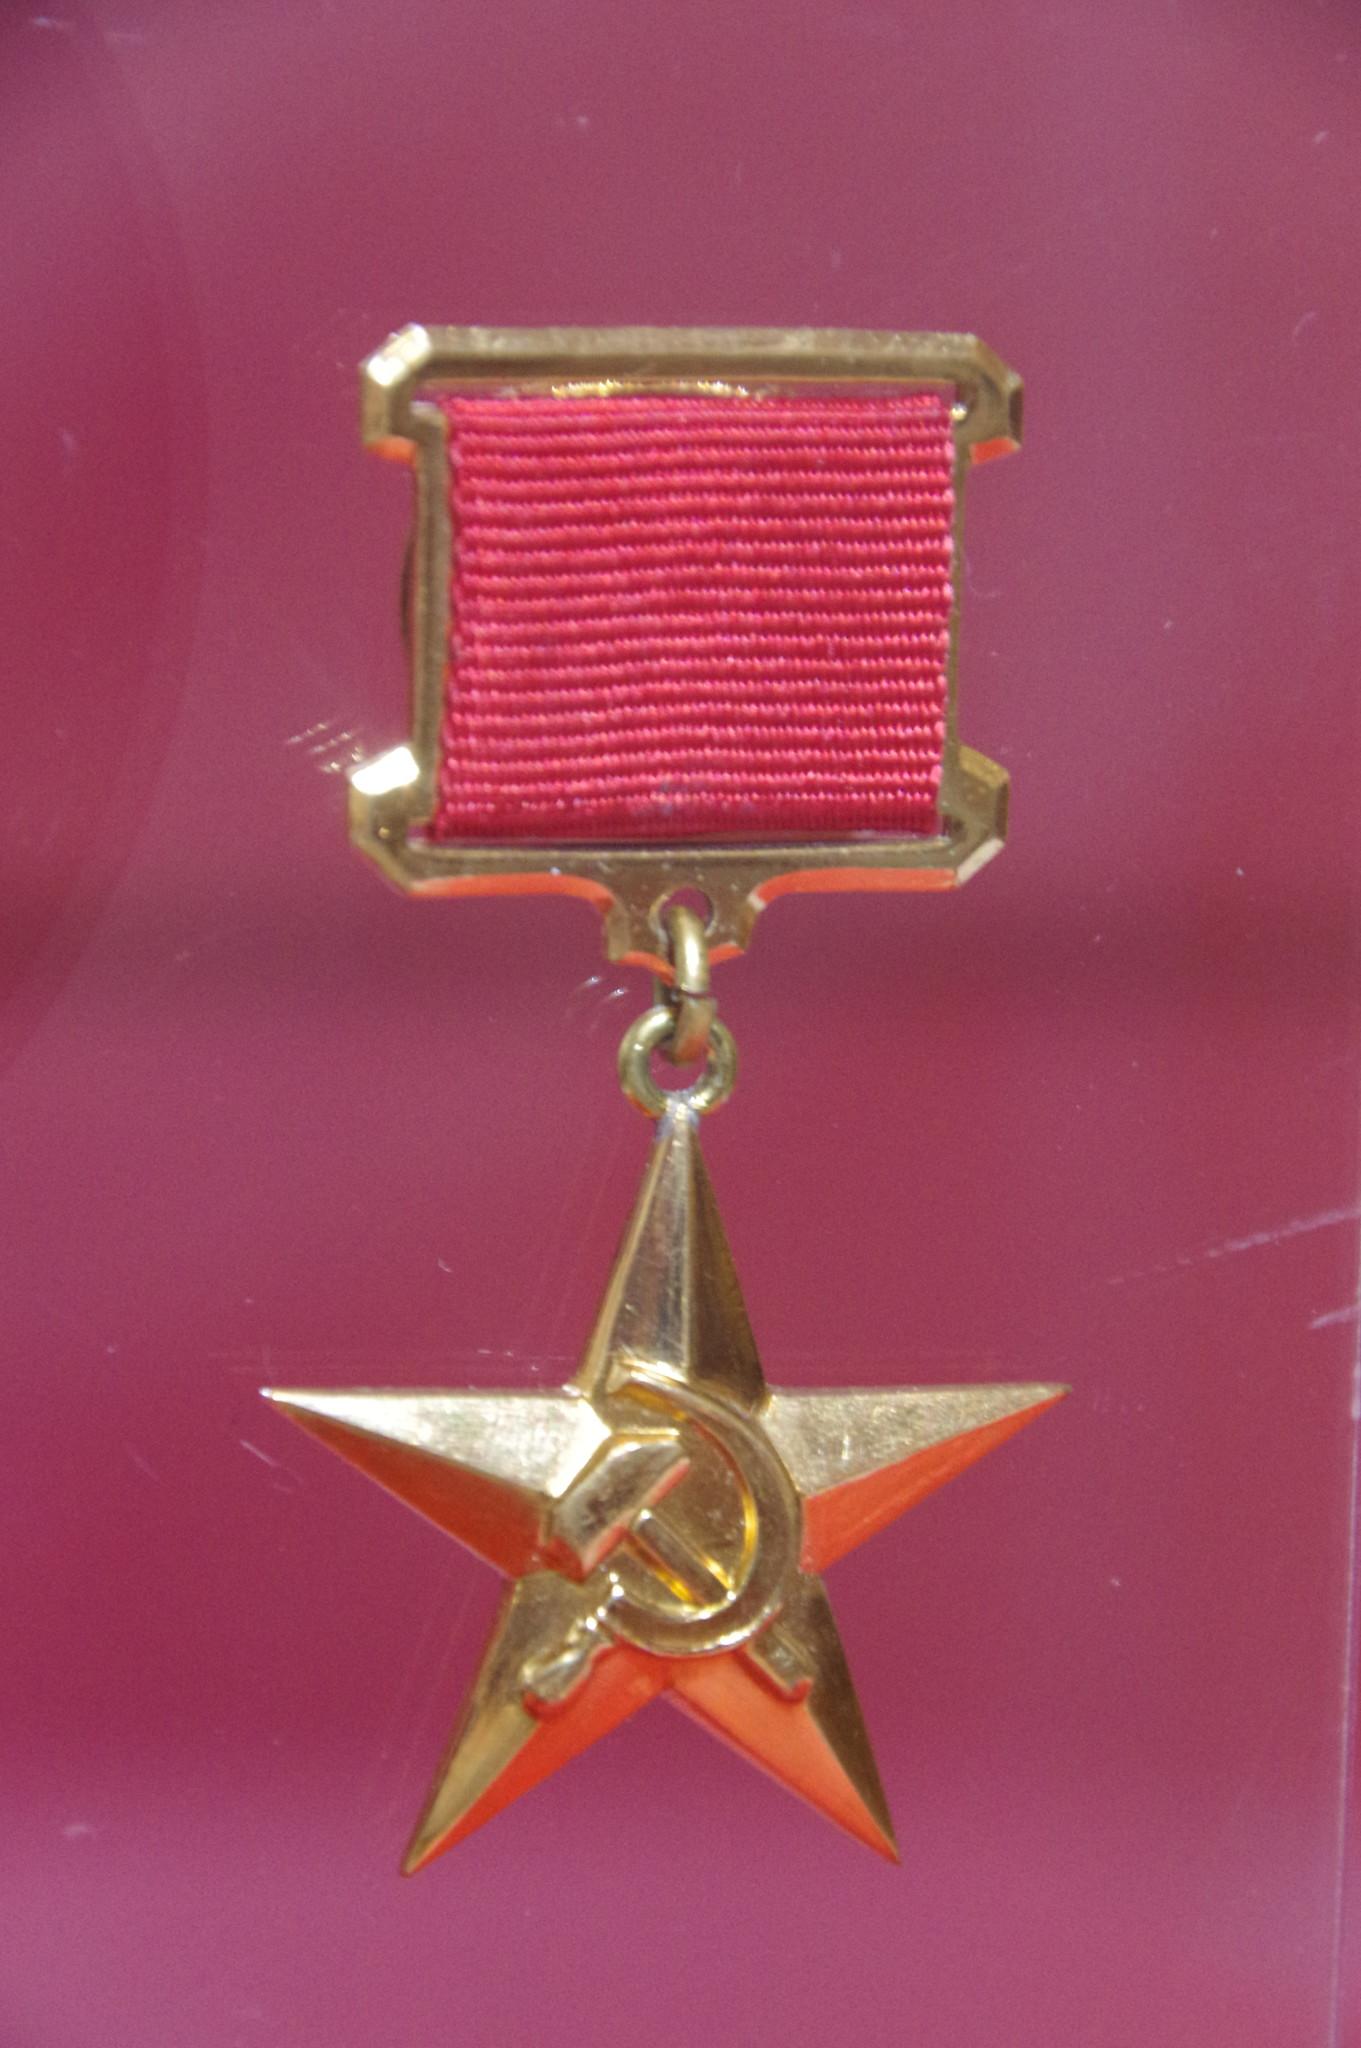 Золотая медаль «Серп и Молот» в экспозиции Центрального музея Великой Отечественной войны 1941-1945 гг.